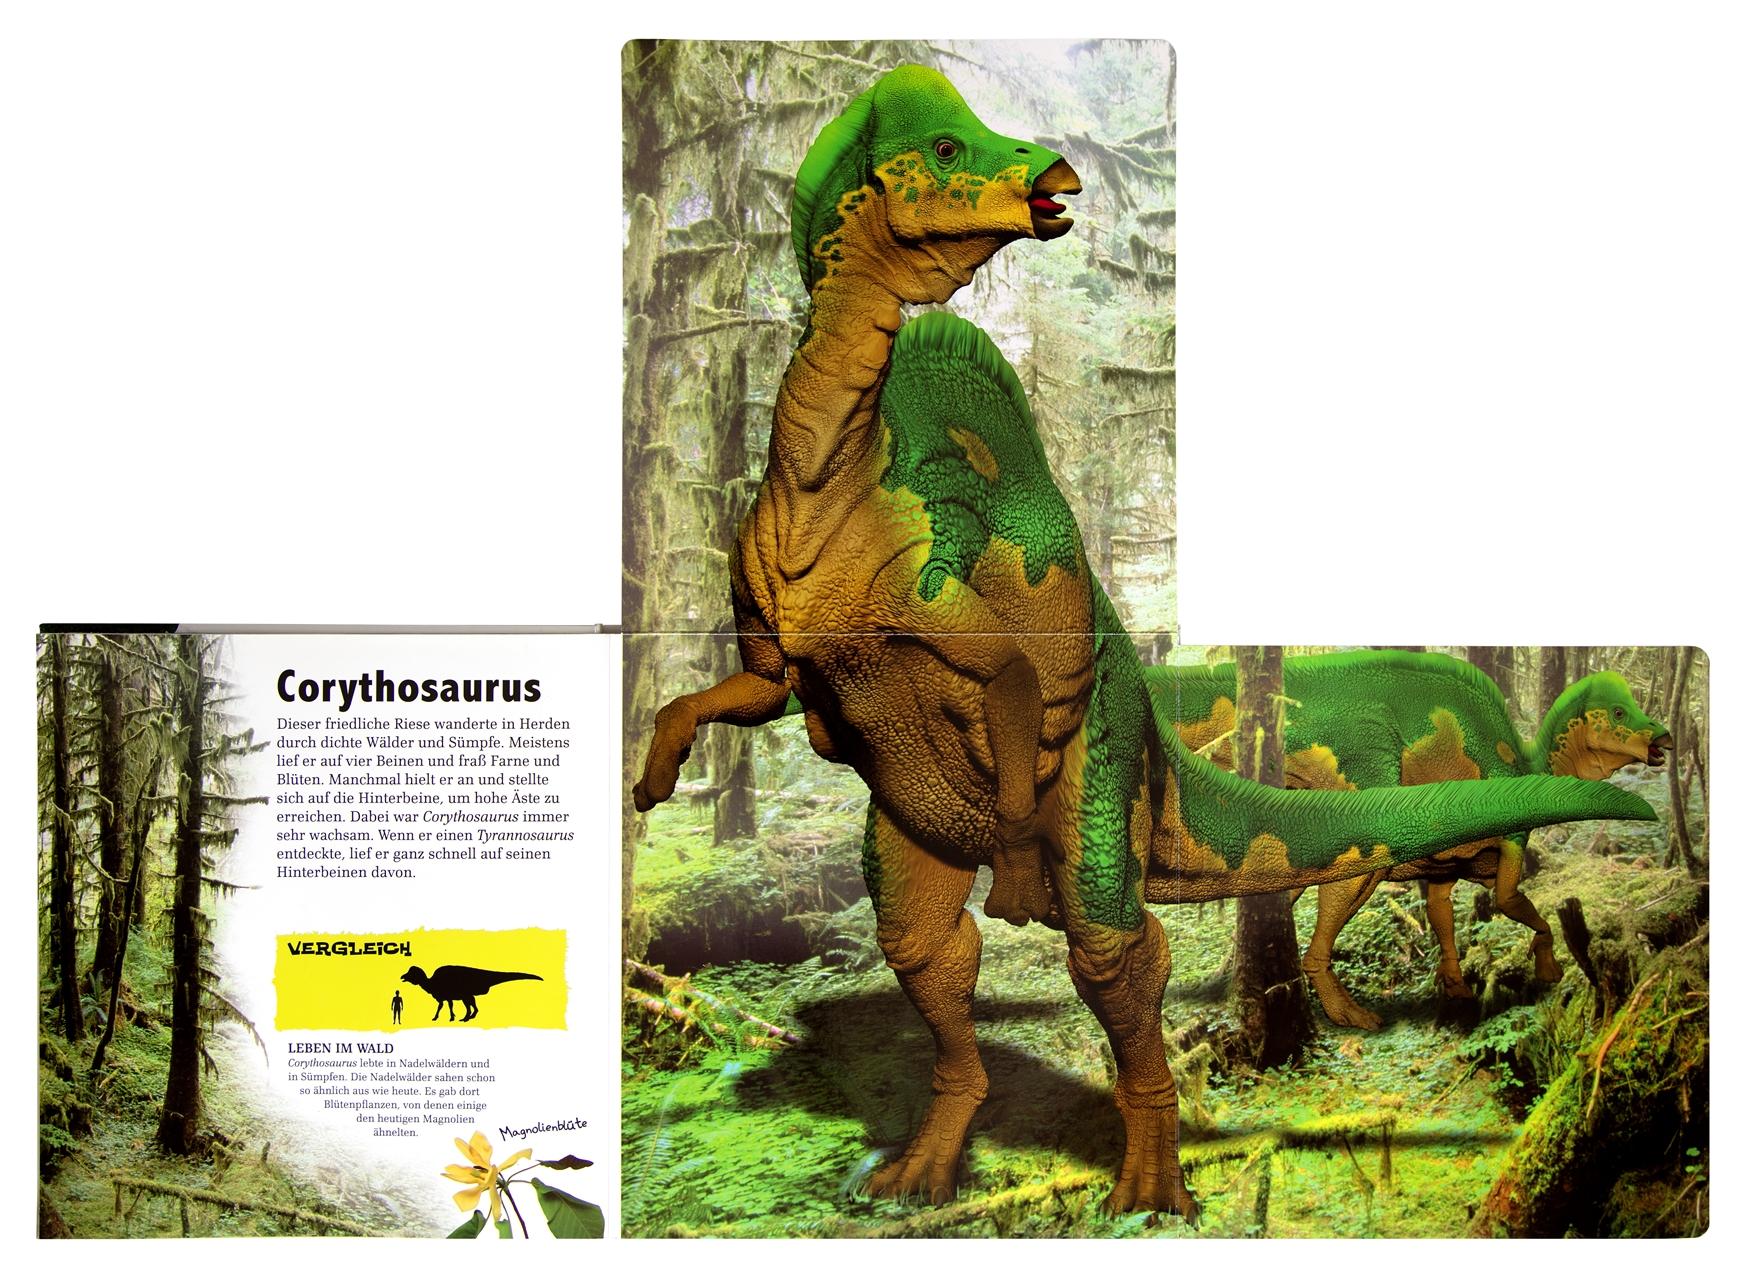 Tyrannosaurus Rex Dinosaurier // Dino Verschluss.. Name stabile Sparb/üchse inkl alles-meine.de GmbH gro/ße Spardose mit Schl/üssel und Schloss aus Kunstharz // Polyresin